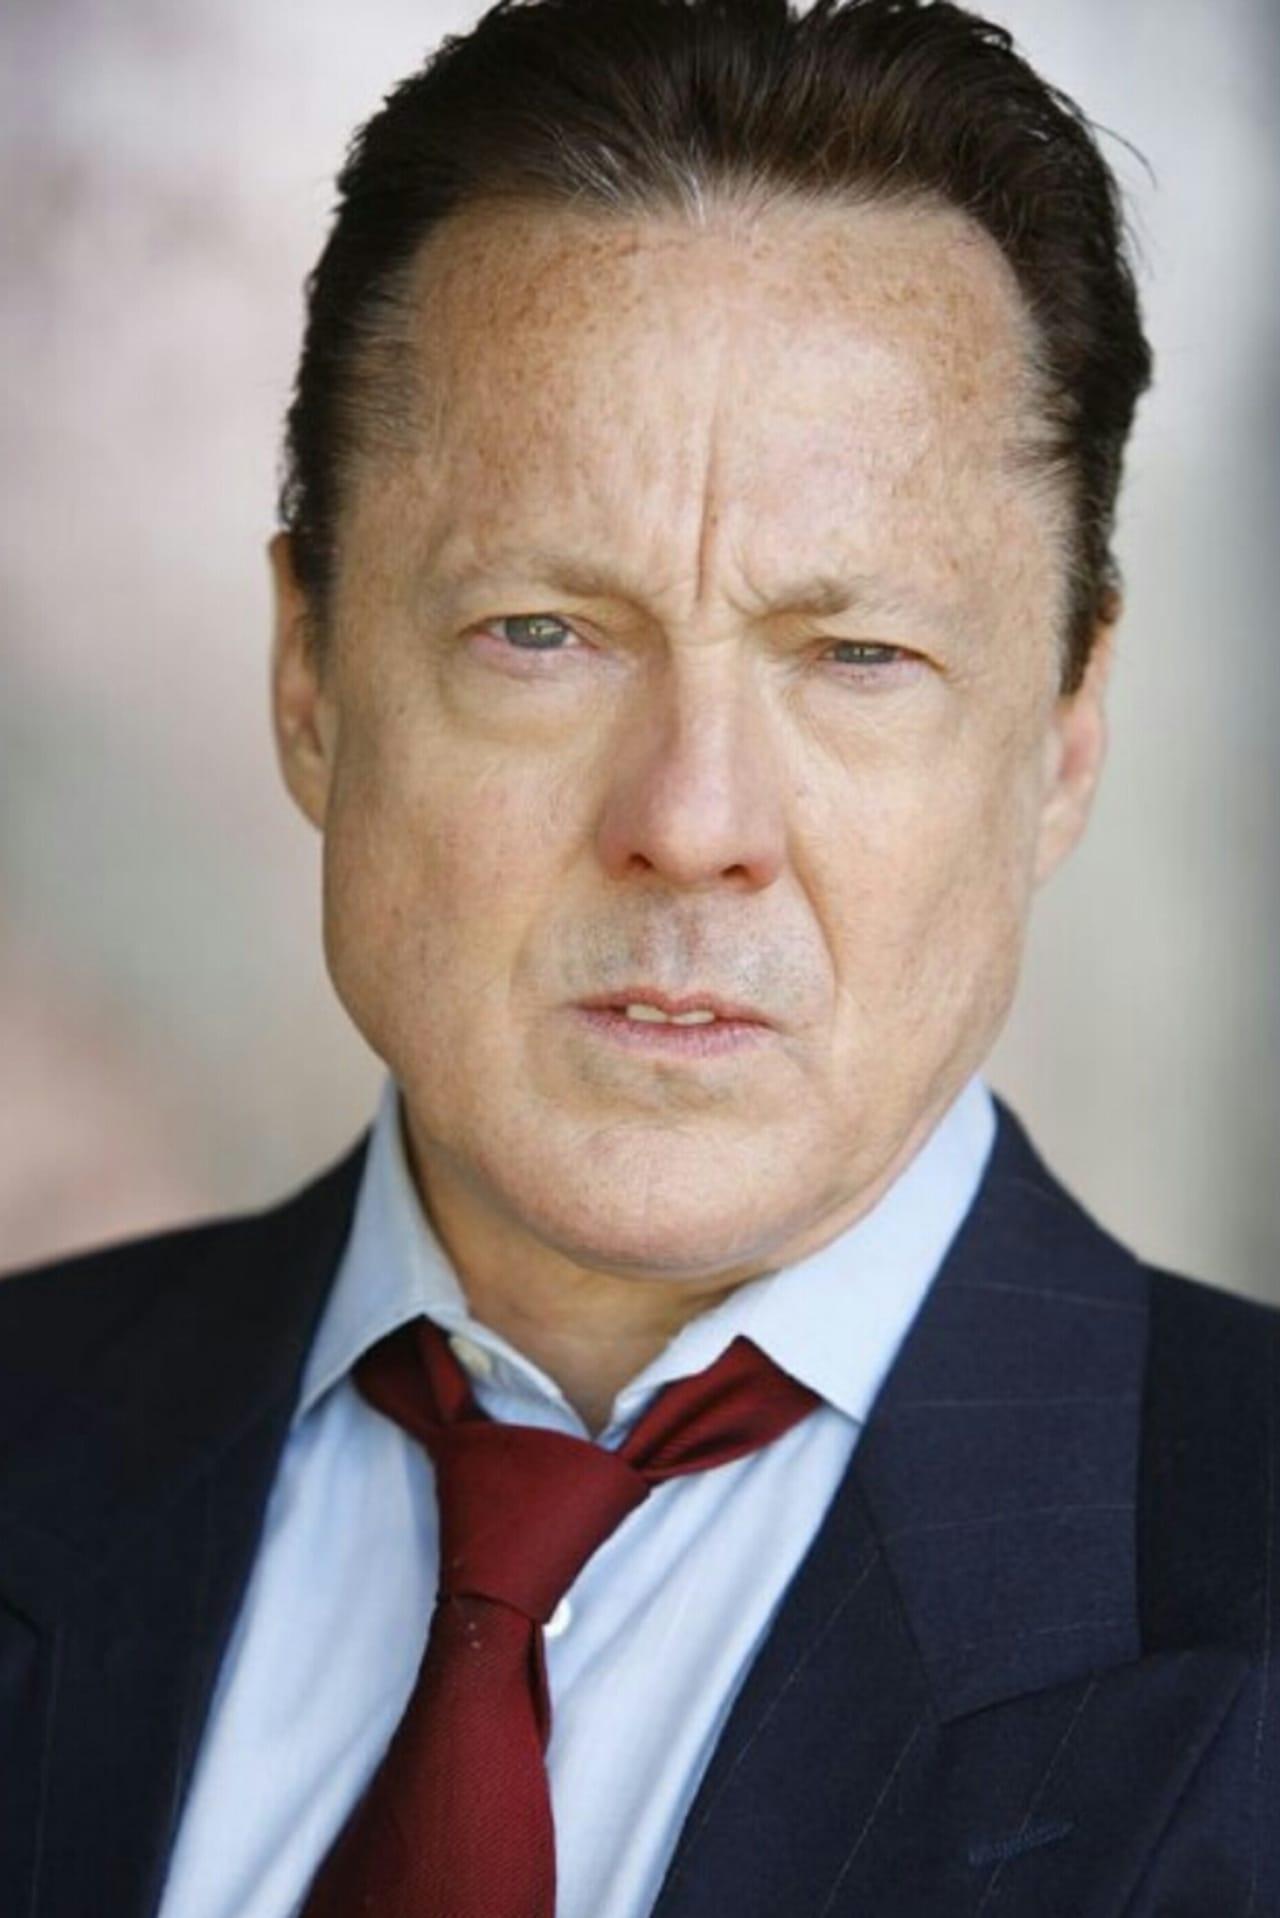 Michael McCleery